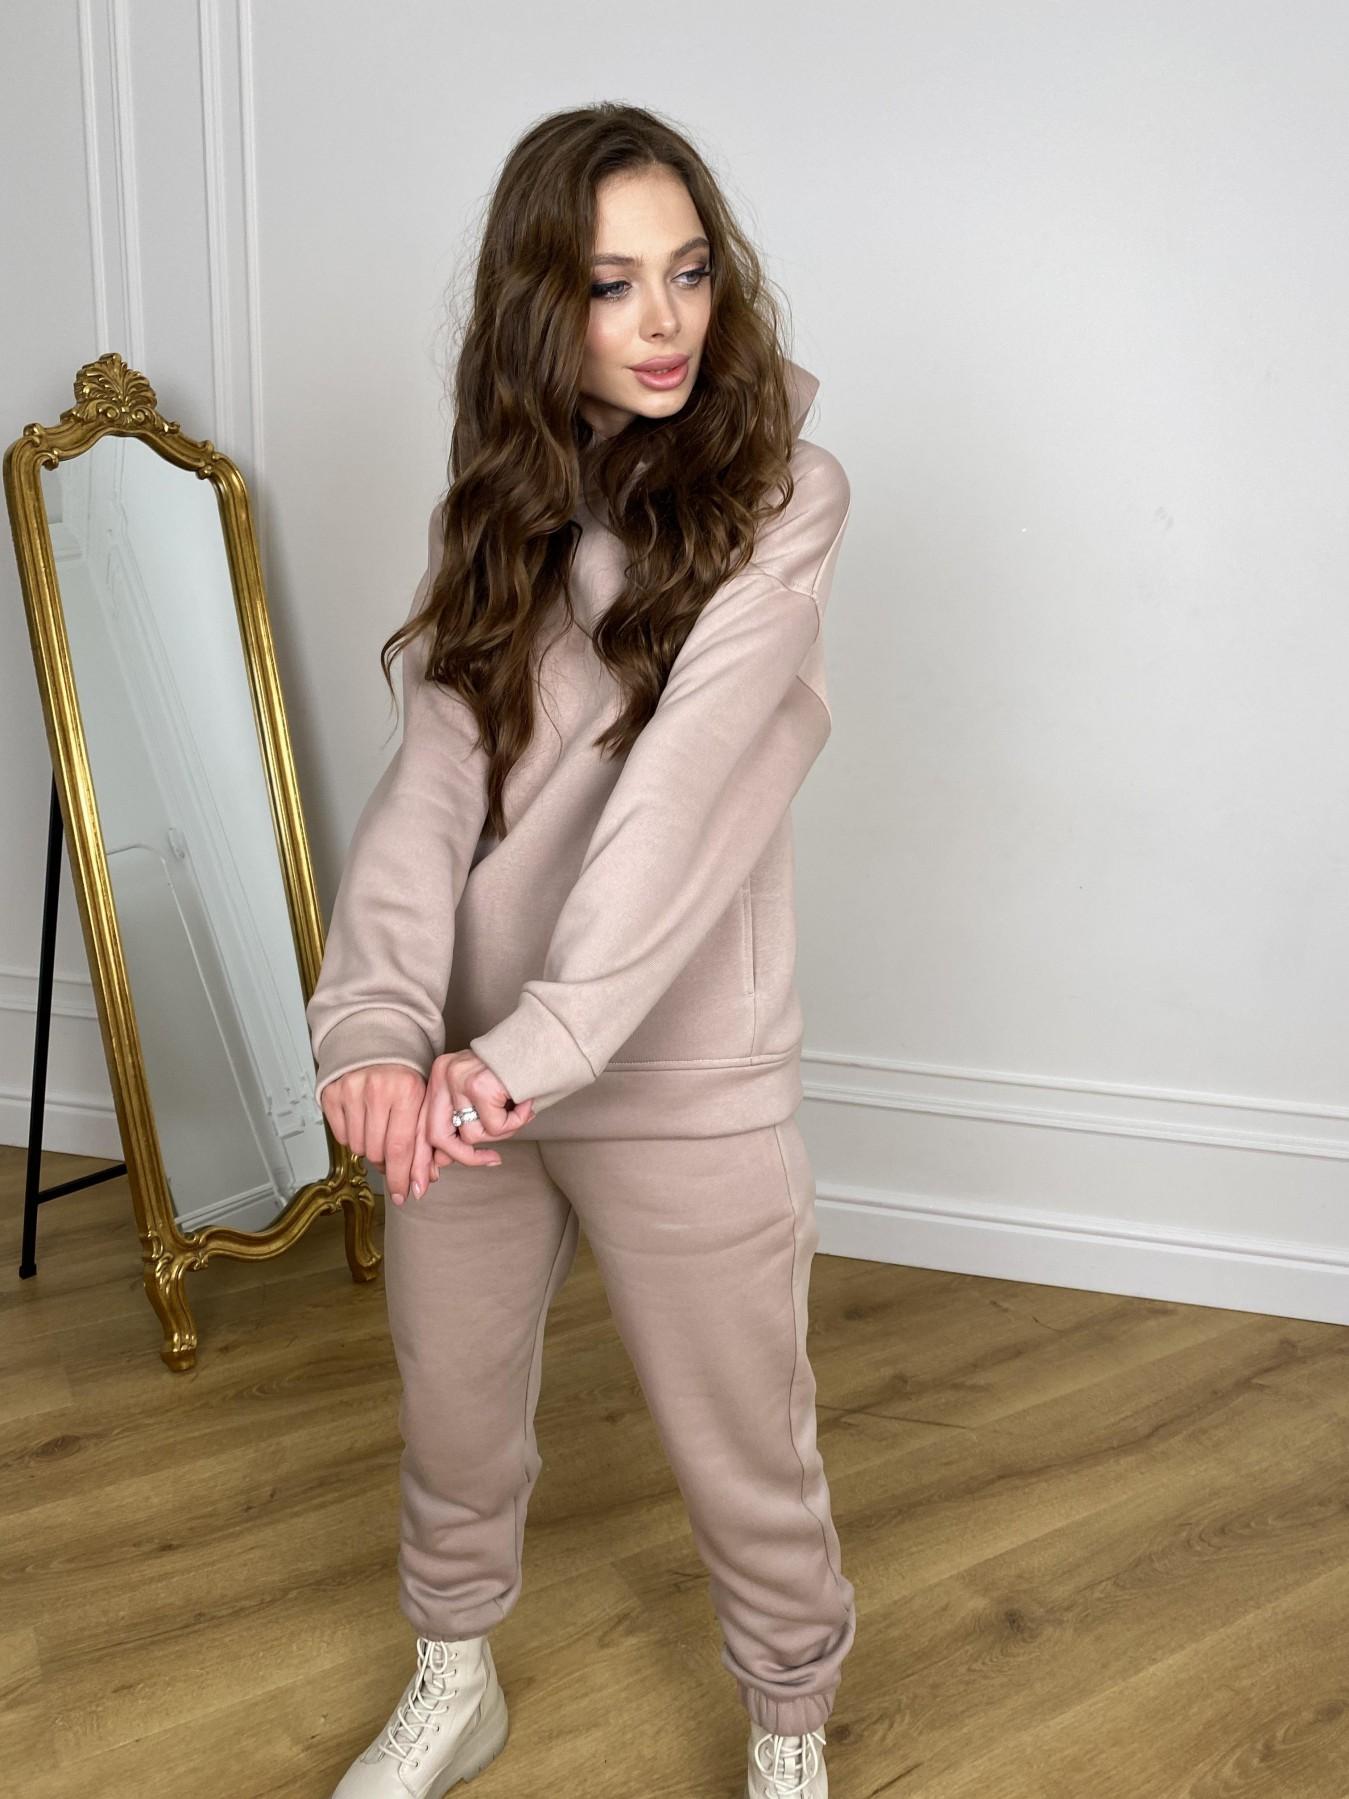 МДС Hot костюм с начесом 3х нитка  10519 АРТ. 46871 Цвет: Кофе - фото 4, интернет магазин tm-modus.ru